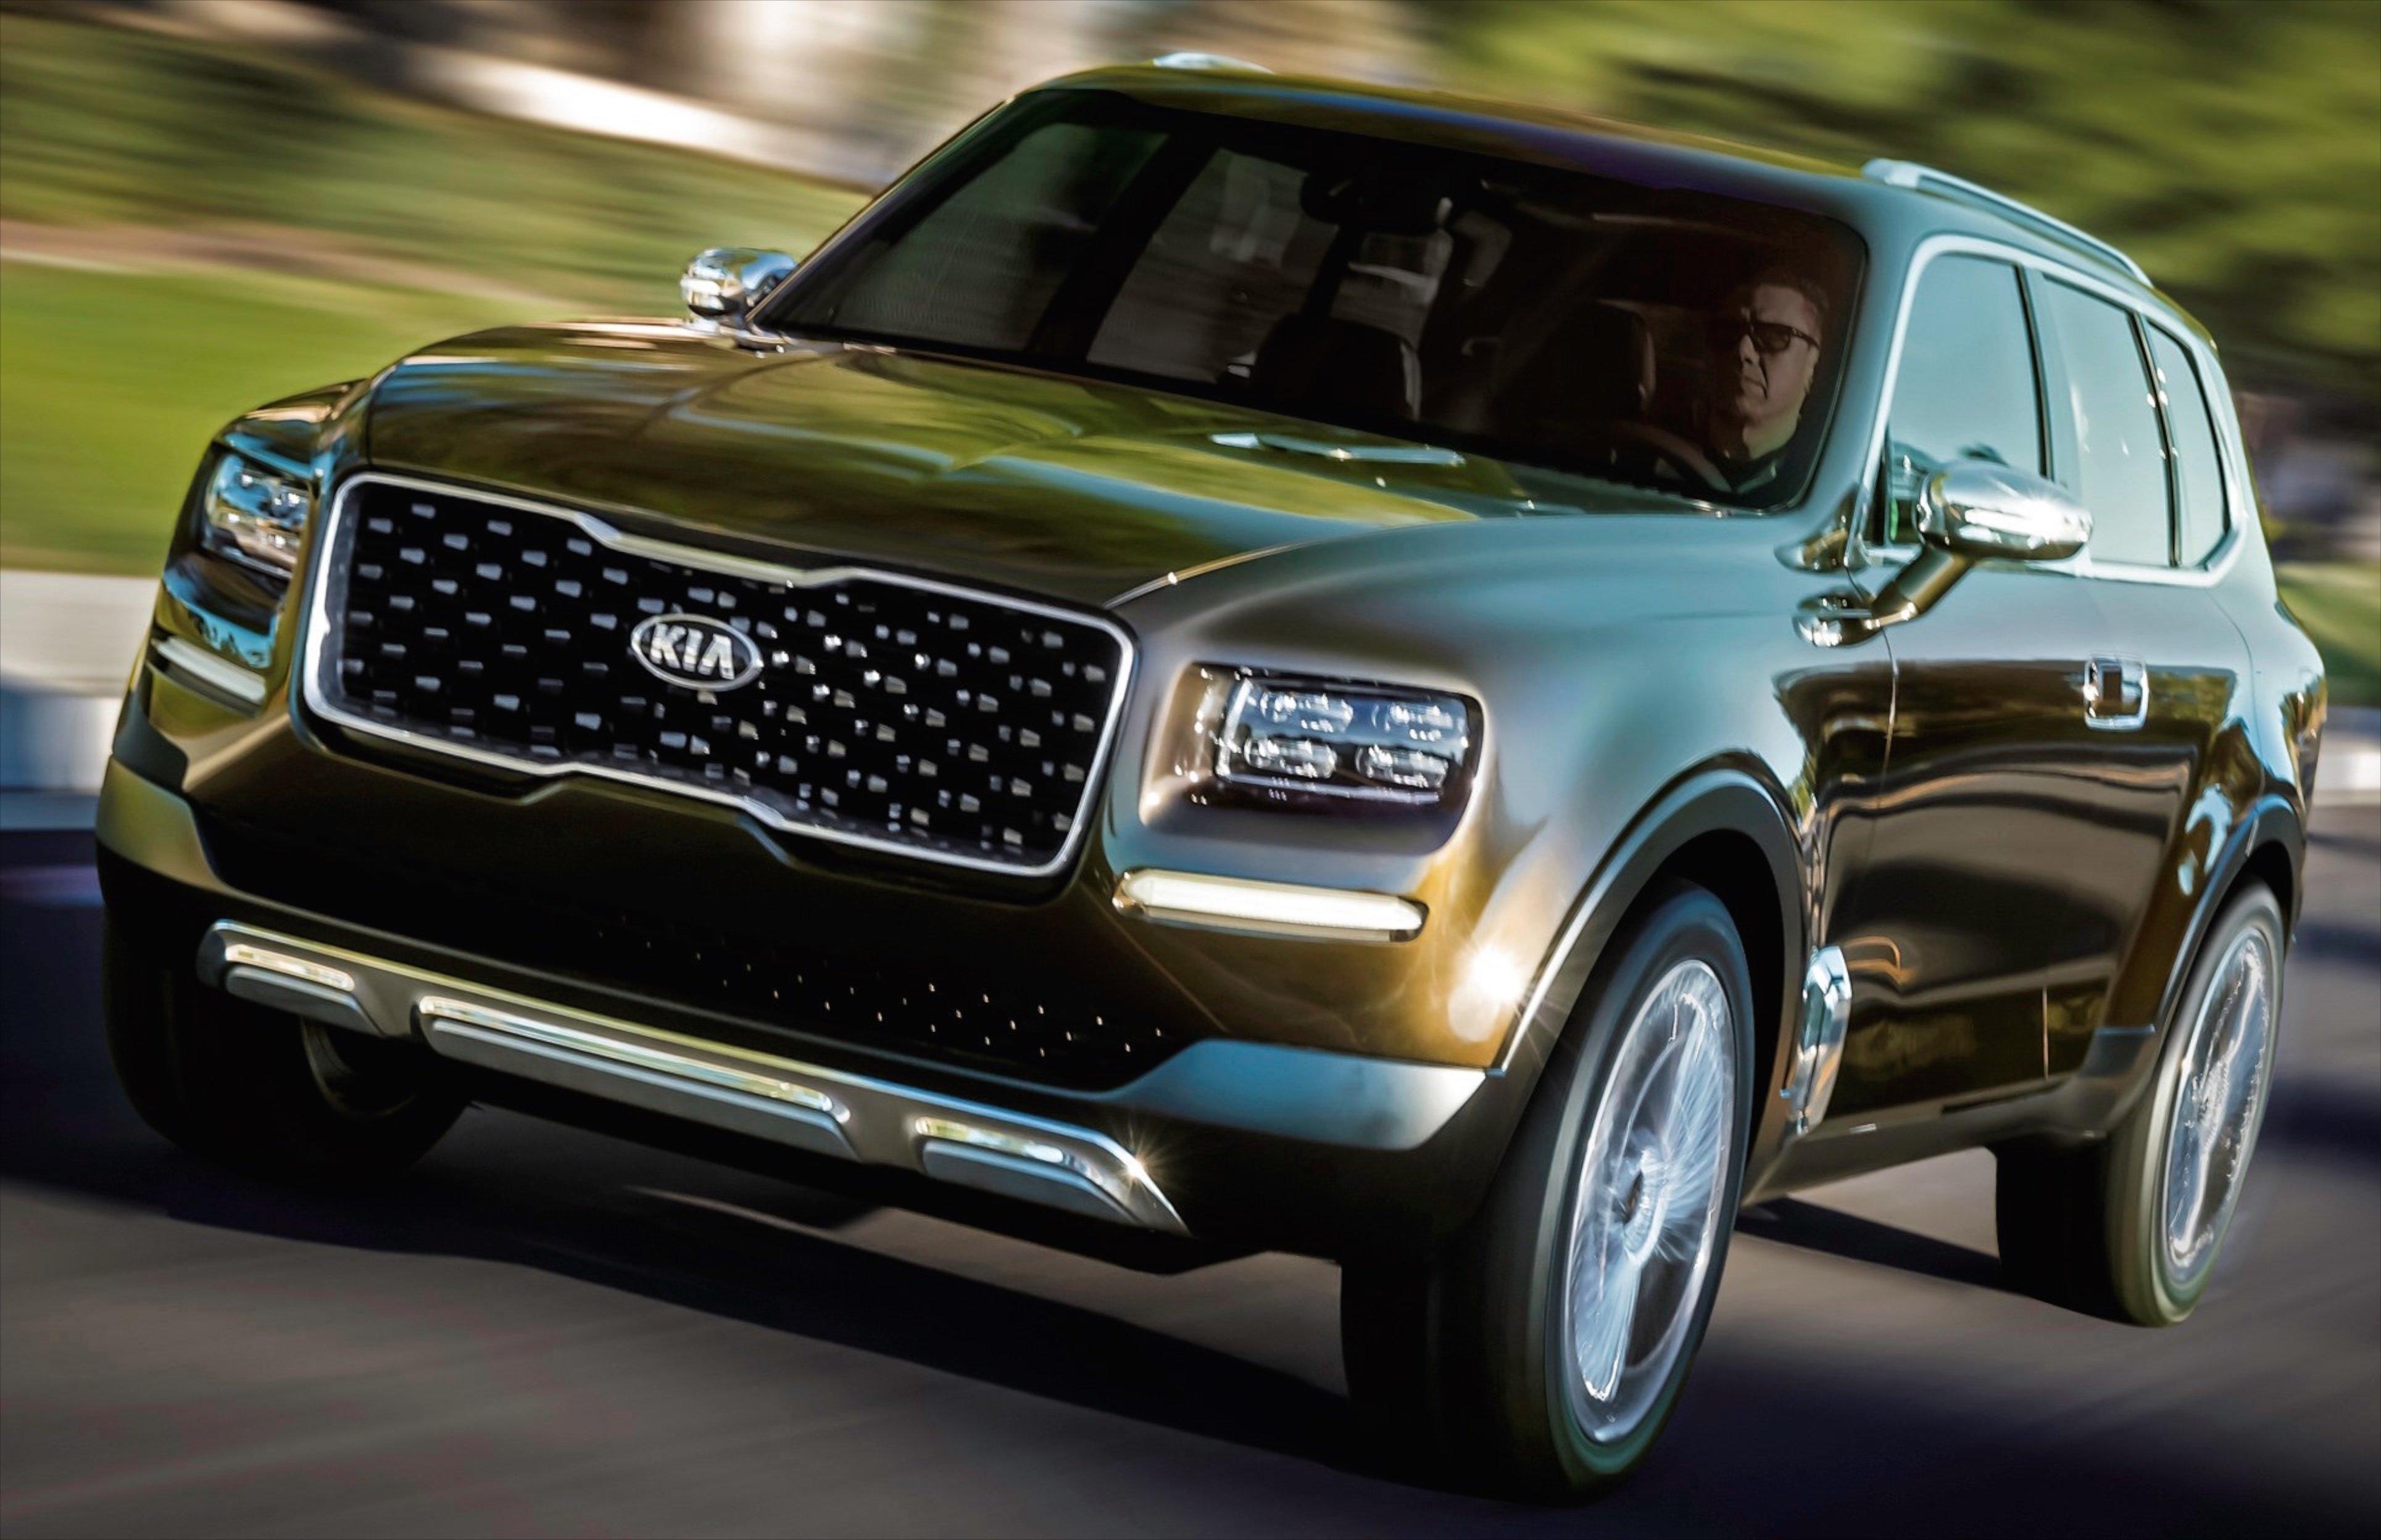 Suv >> Kia Telluride concept previews premium 7-seat SUV Paul Tan - Image 427533